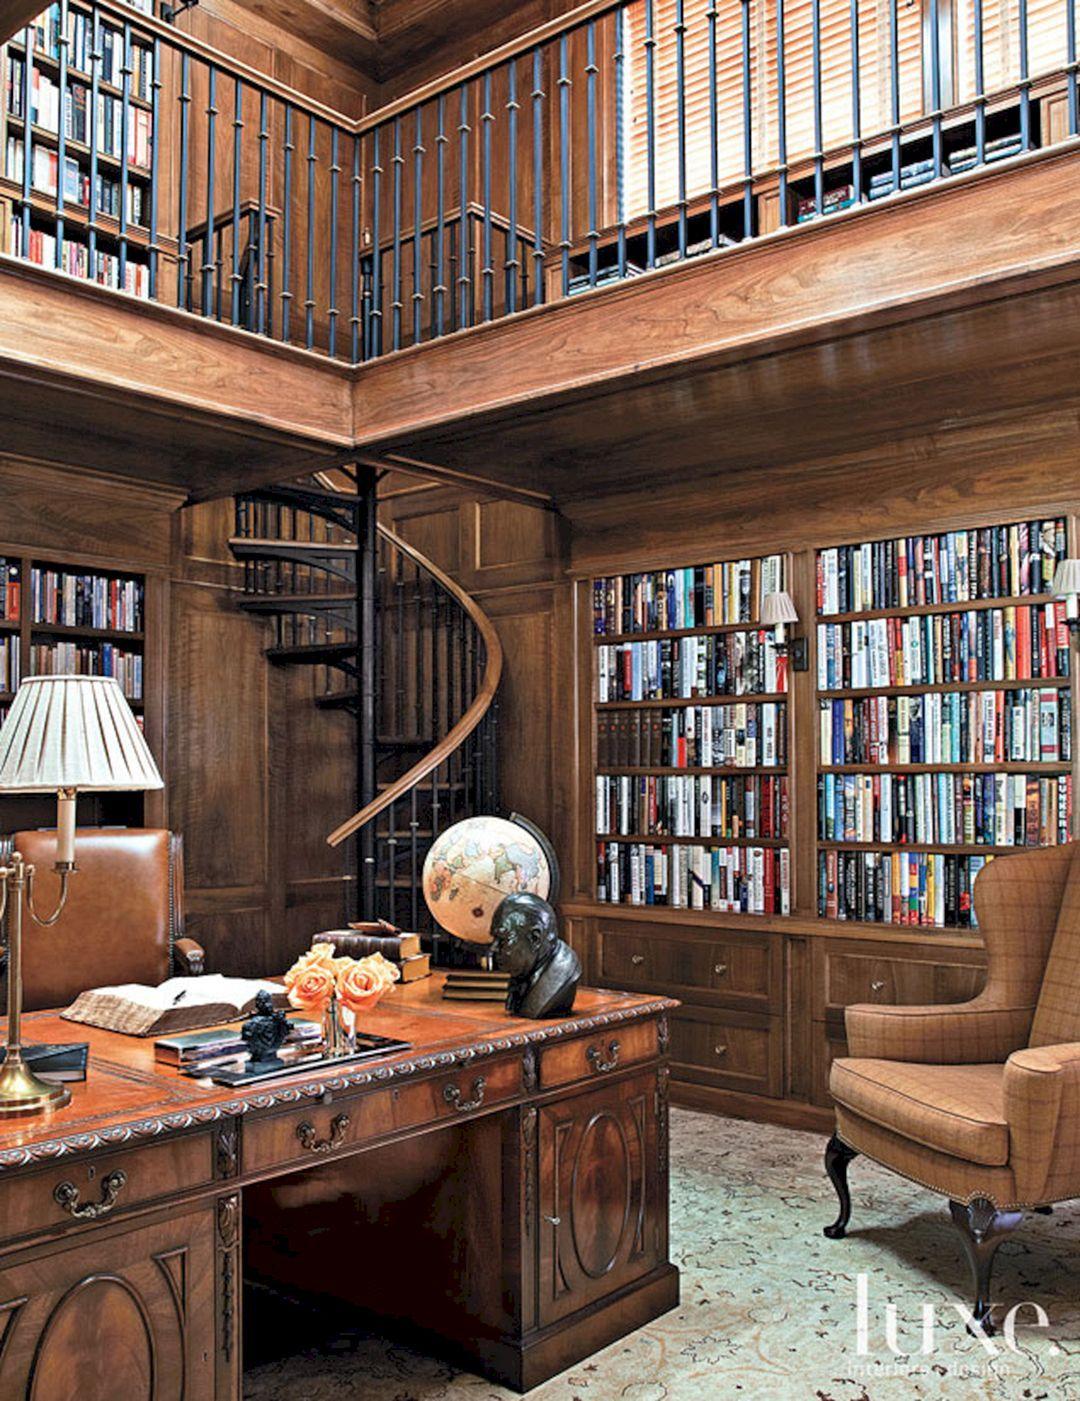 55 Extraordinary Home Study Room Design Ideas  Study Room Design Simple Living Room Library Design Decorating Design